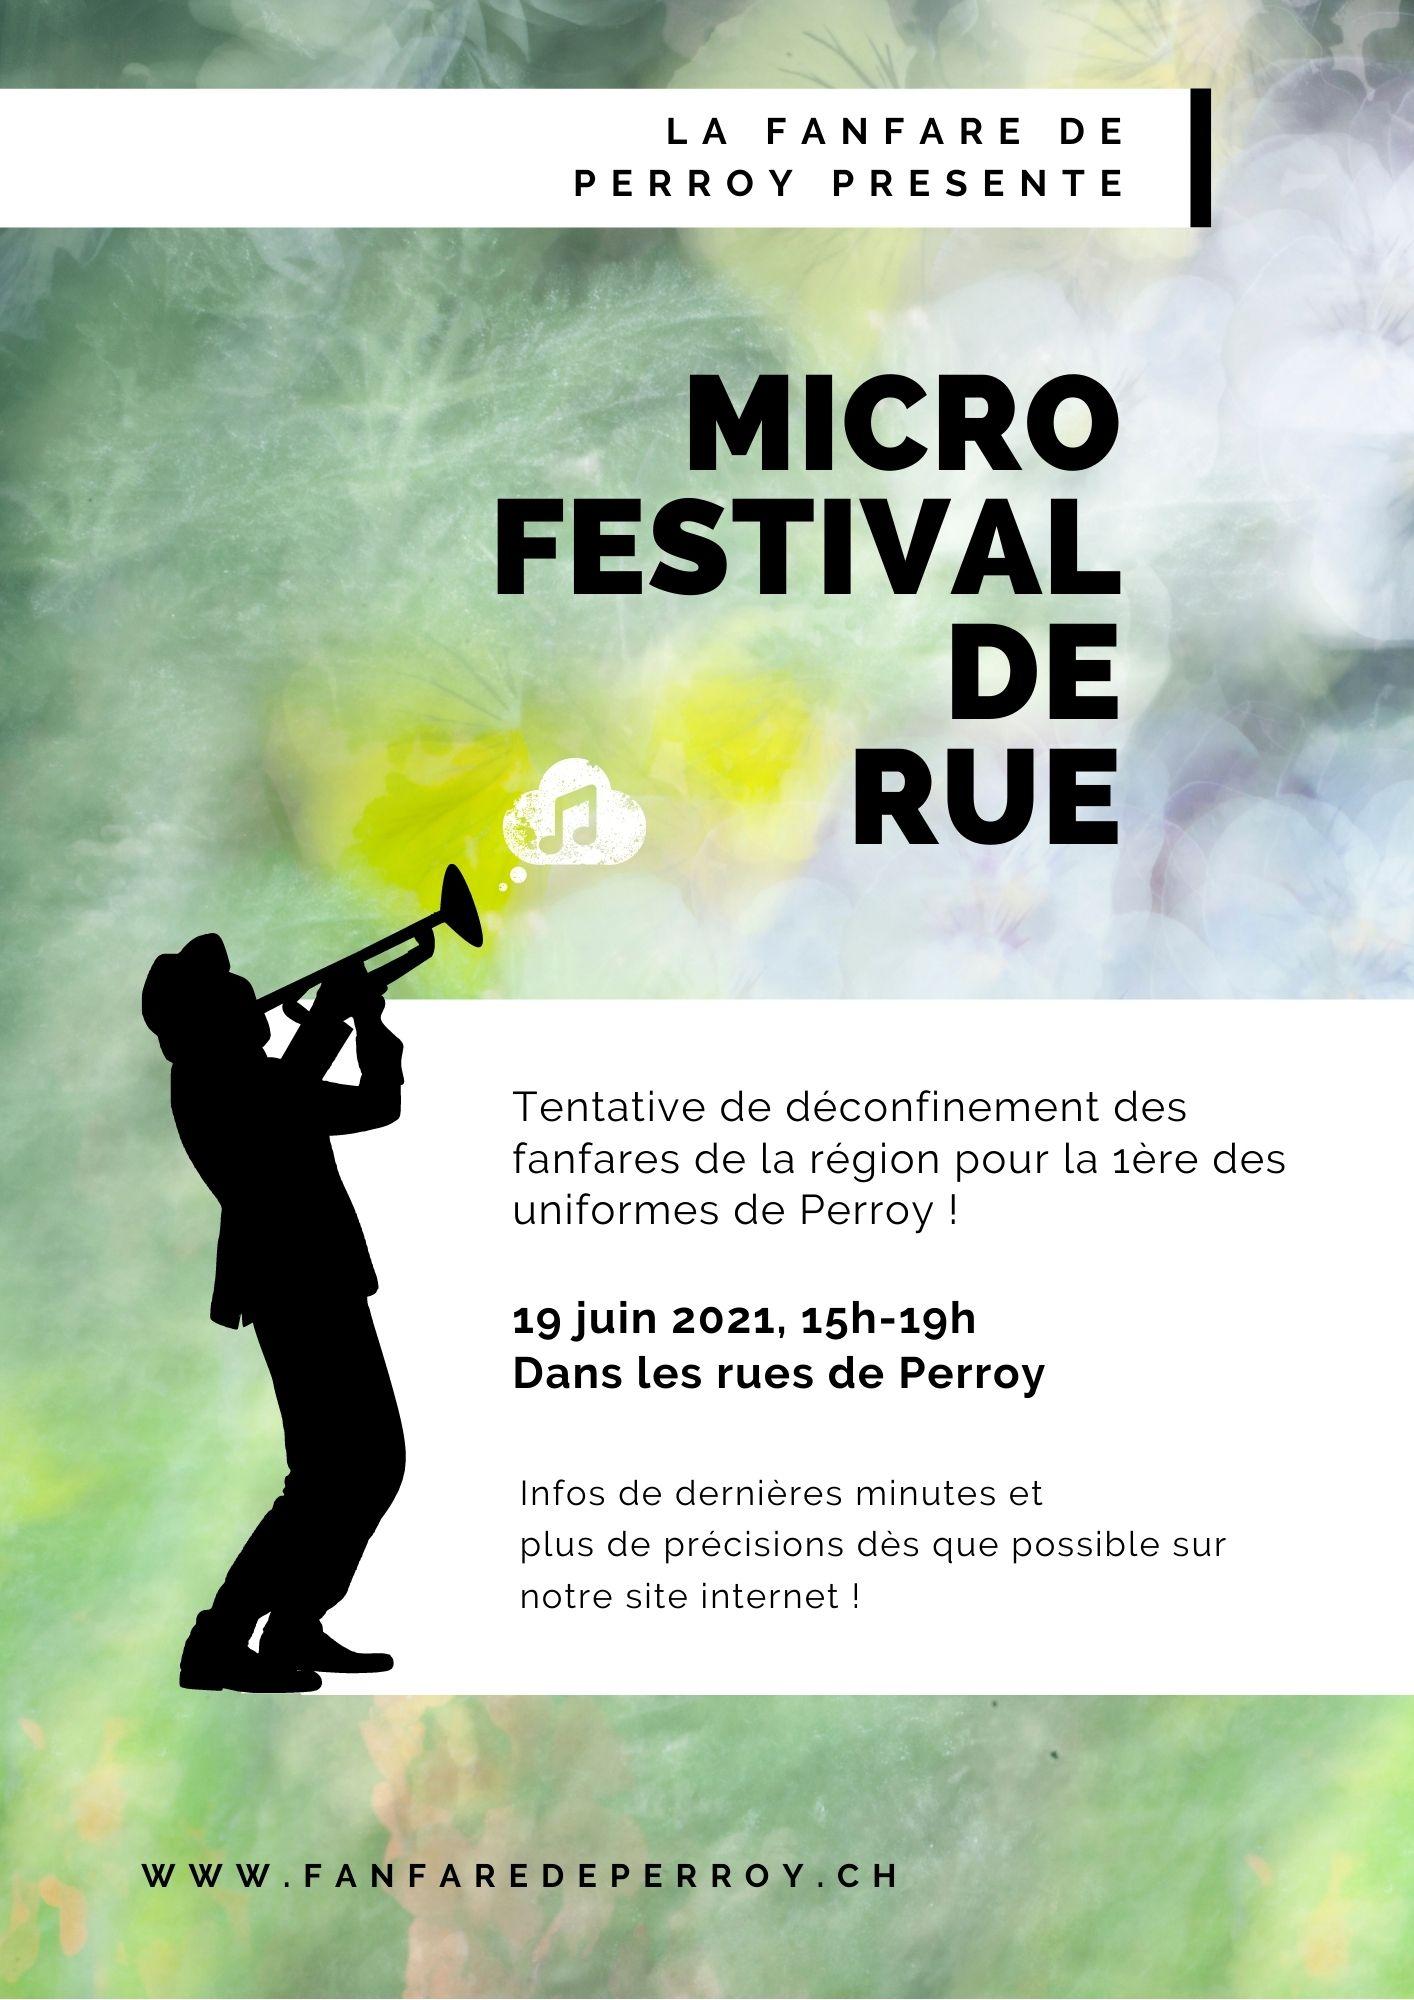 Micro festival de rue